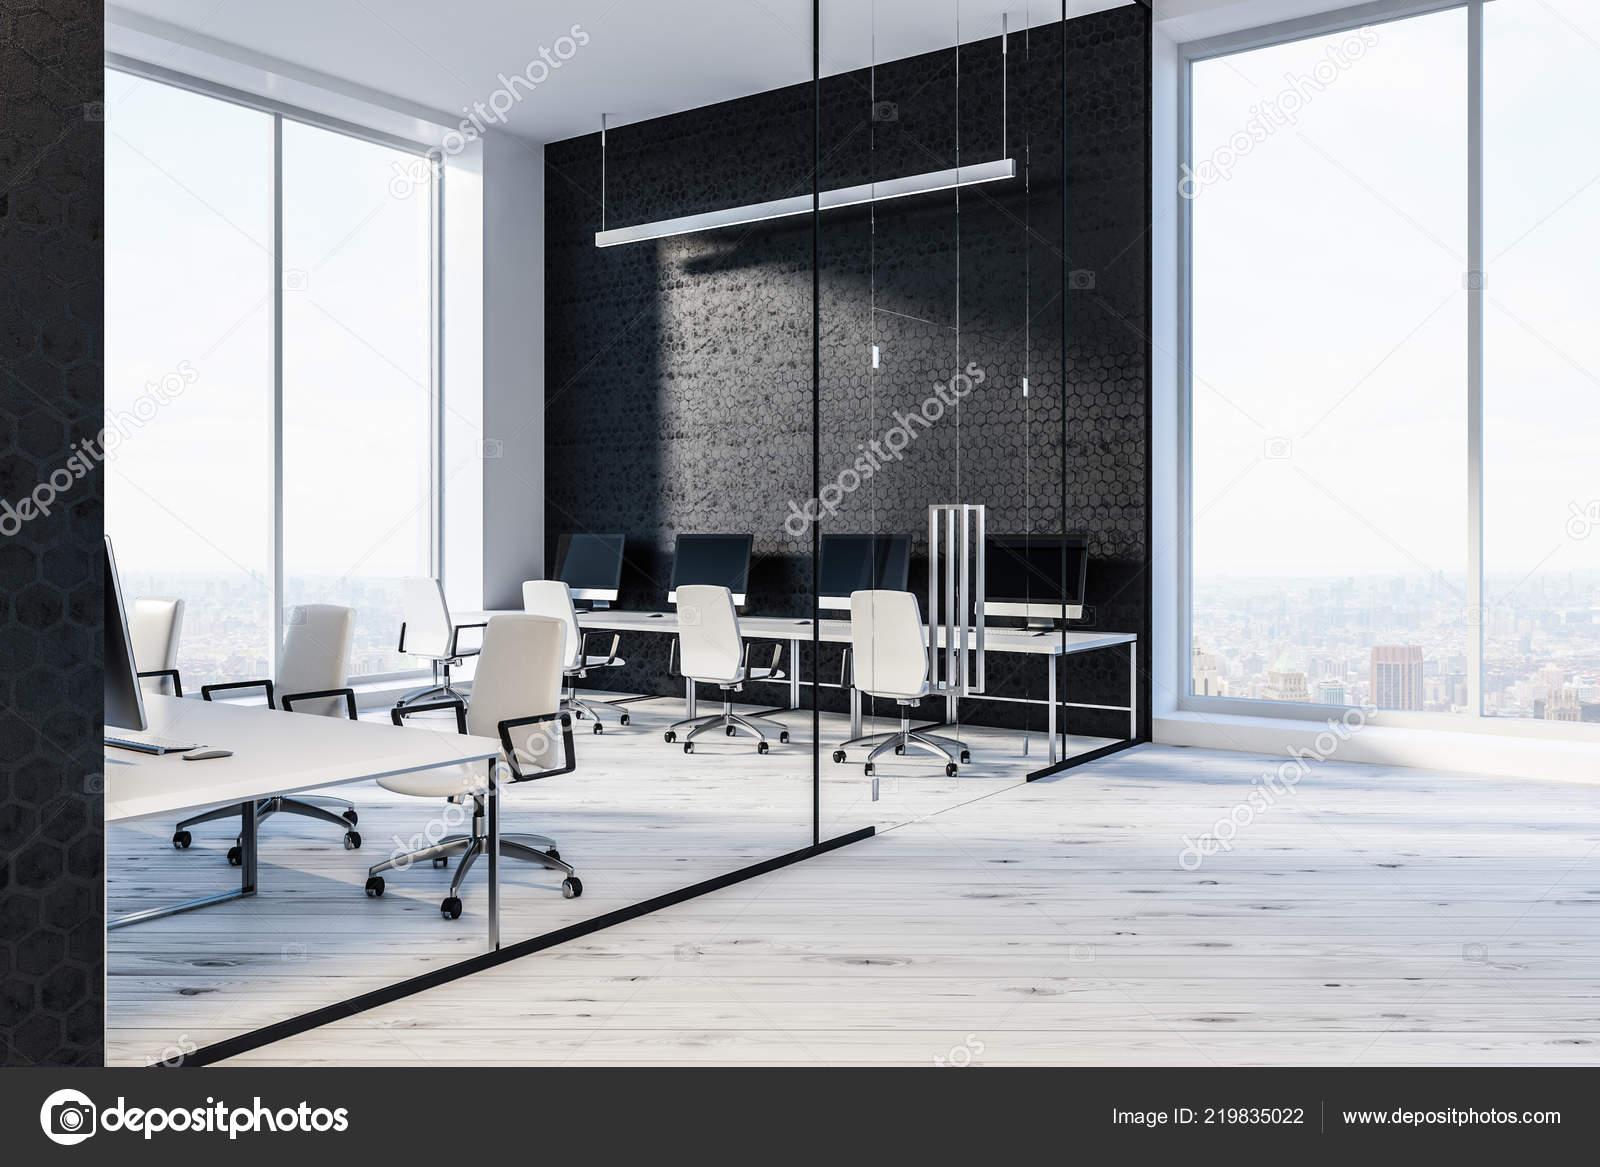 hall entr�e bureau modern avec nid abeille noir mod�le murs